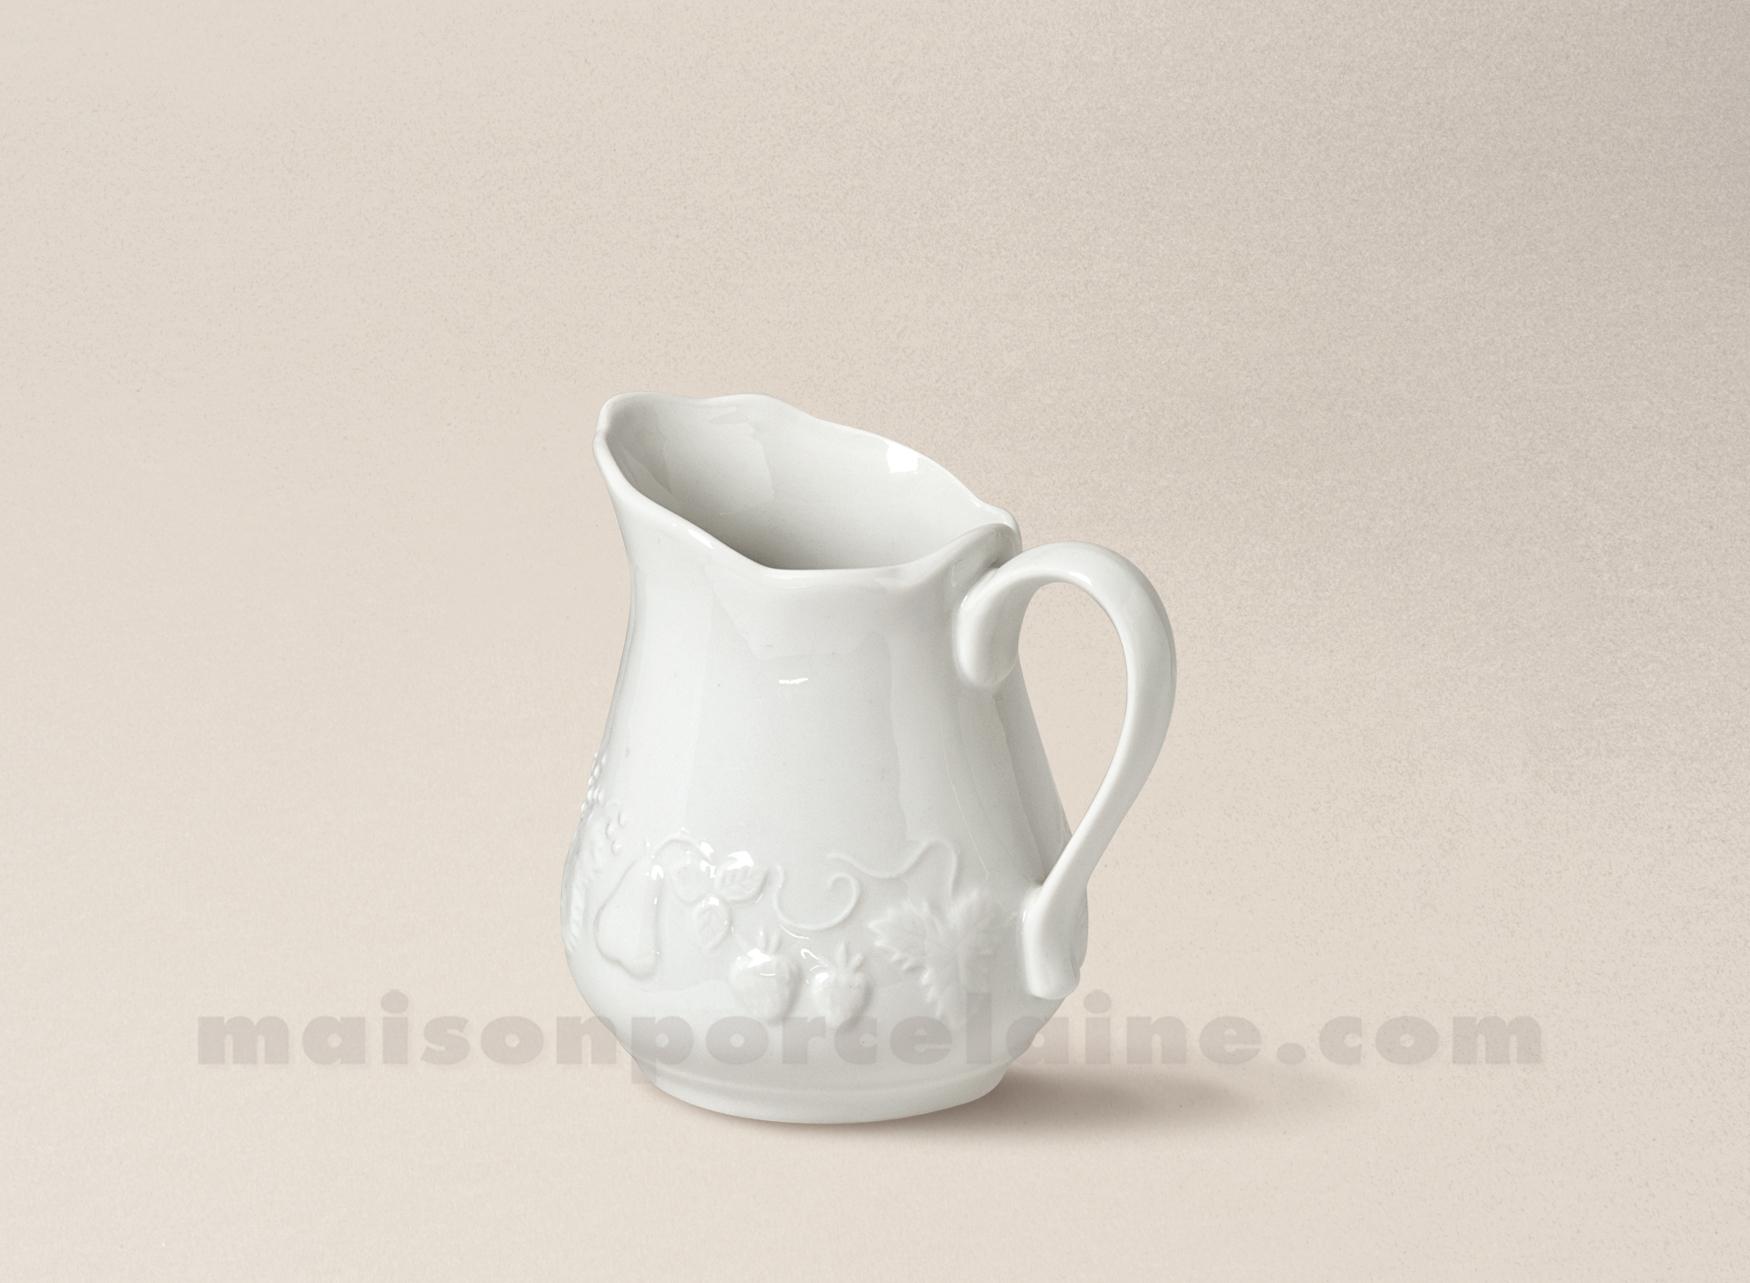 cremier california porcelaine blanche 25cl maison de la porcelaine. Black Bedroom Furniture Sets. Home Design Ideas